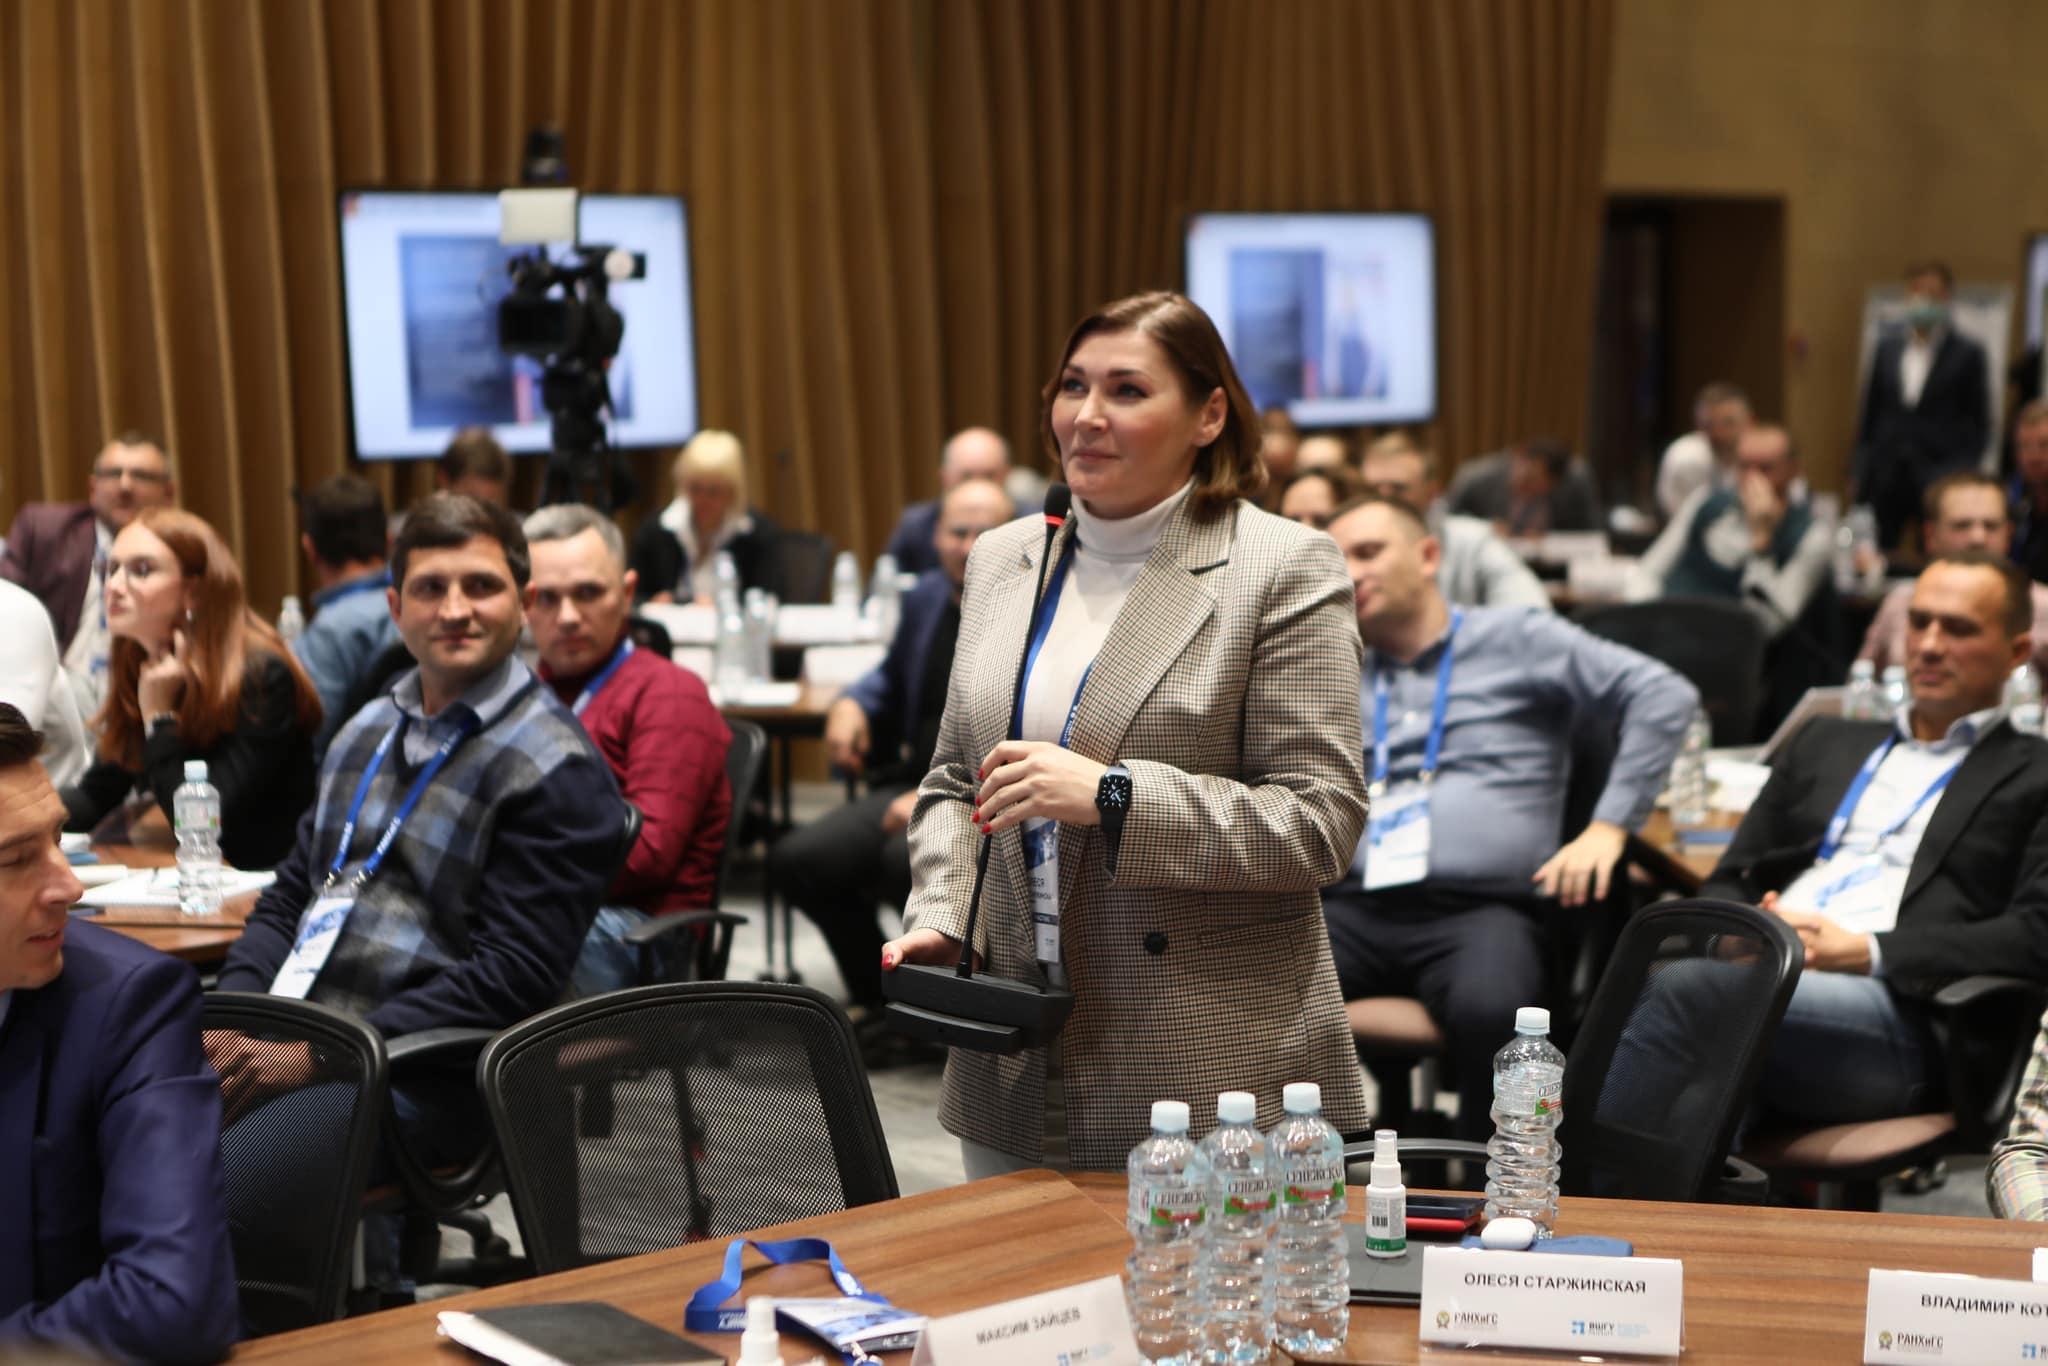 Глава региона прокомментировал самые сложные решения и ответил на вопросы управленцев